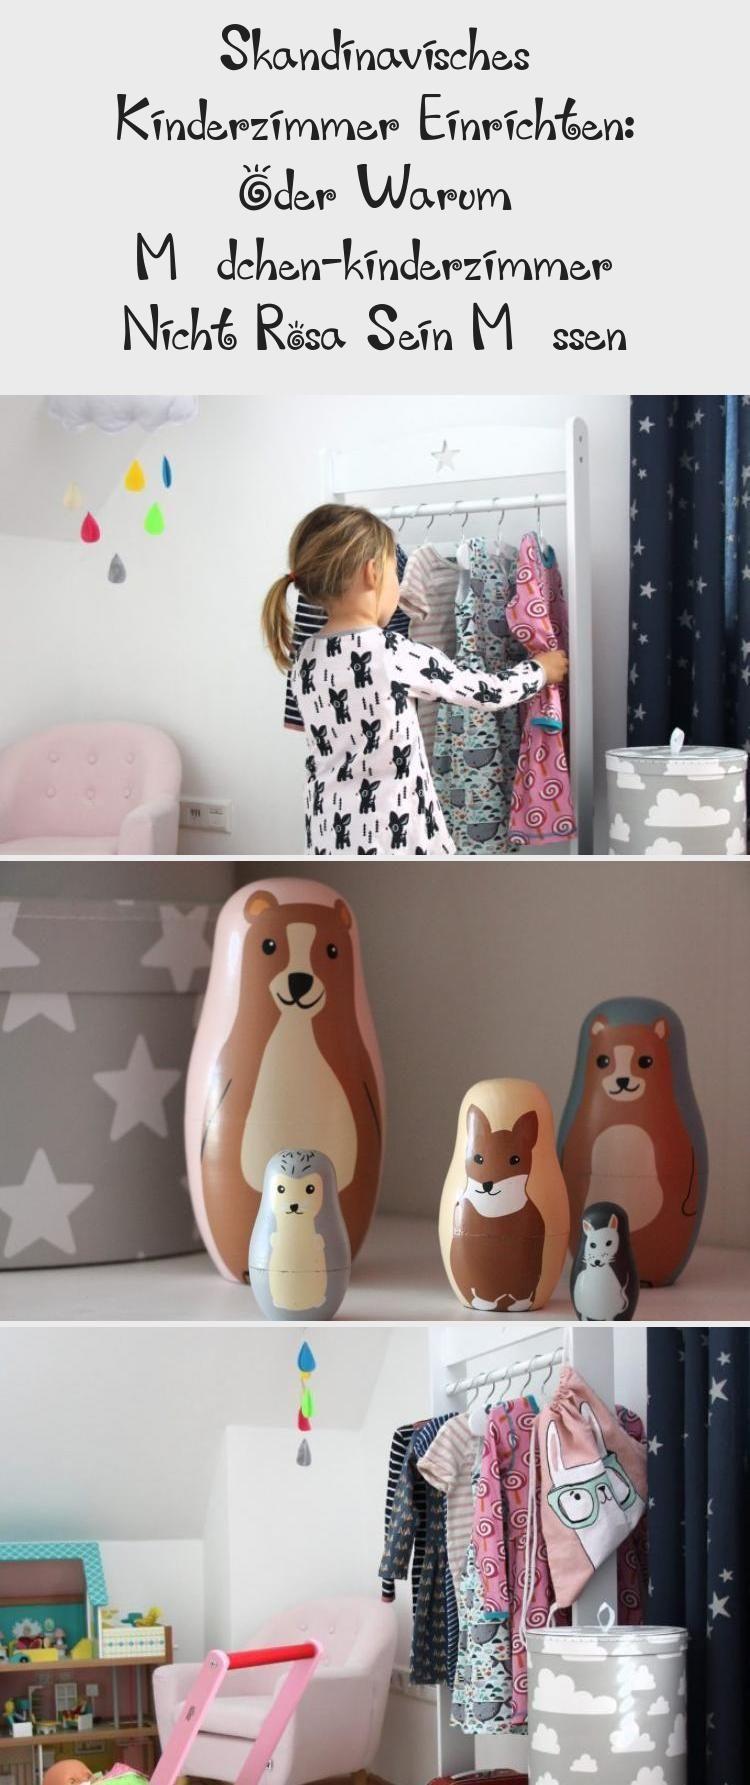 Einrichtung eines skandinavischen Kinderzimmers: oder warum Mädchen? Kinderzimmer müssen nich...